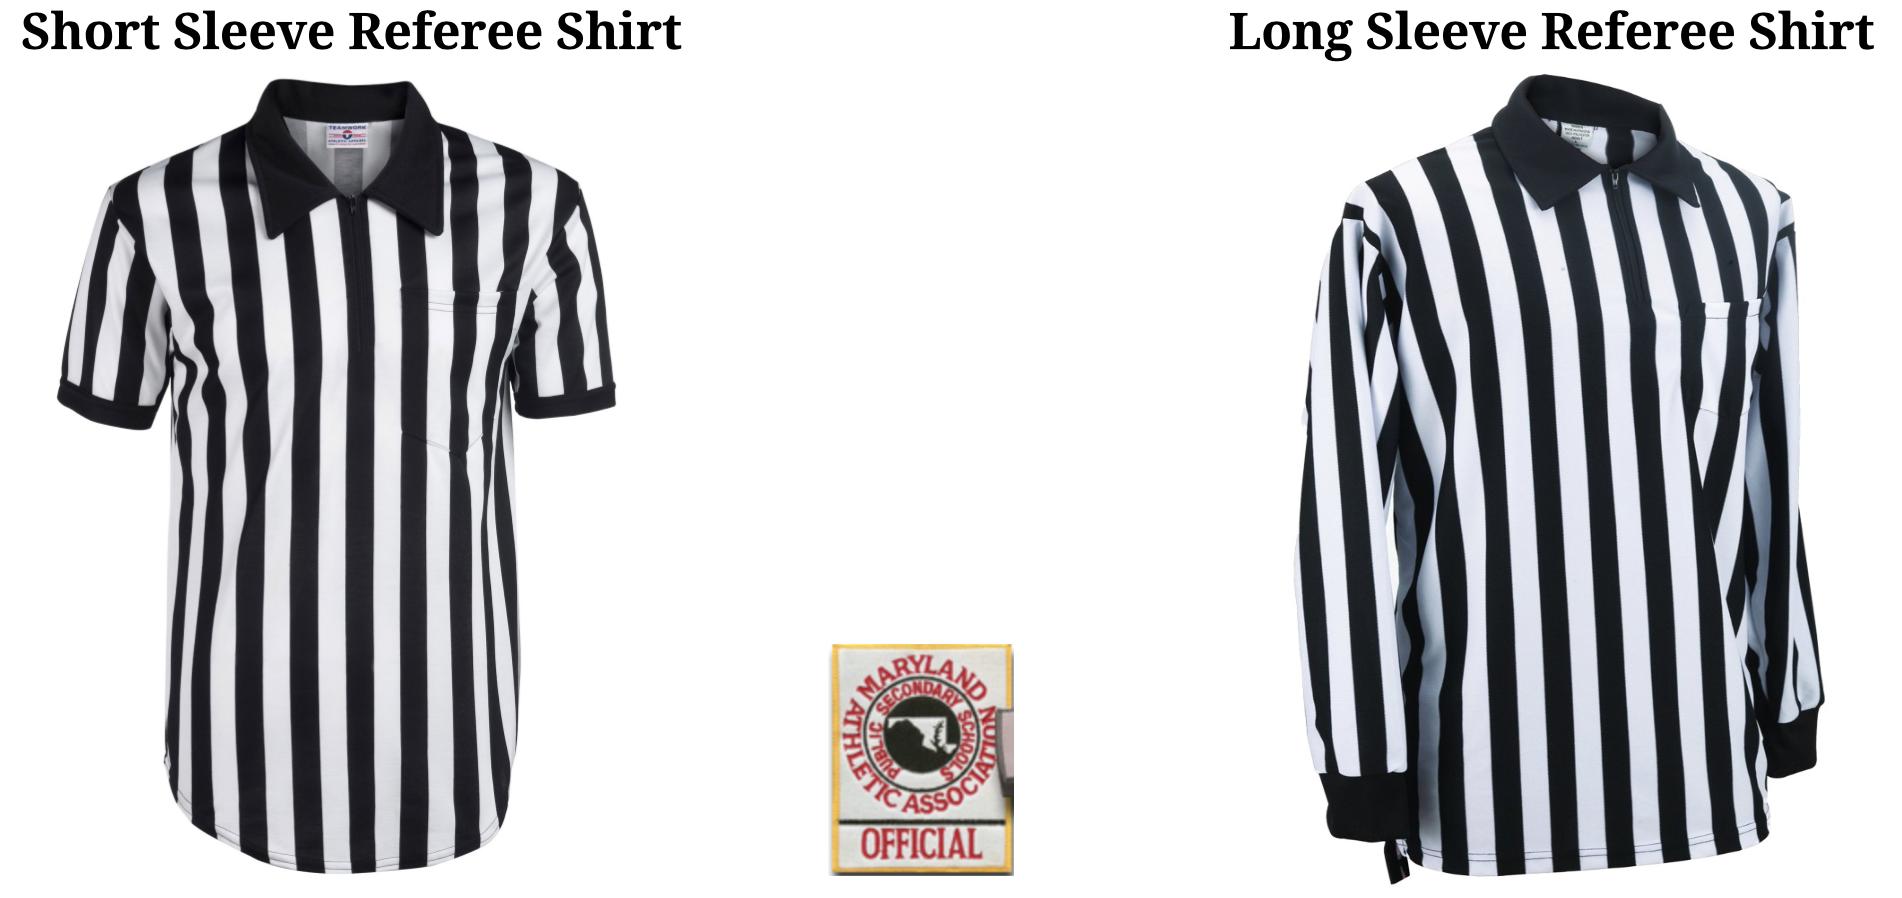 Referee Shirts